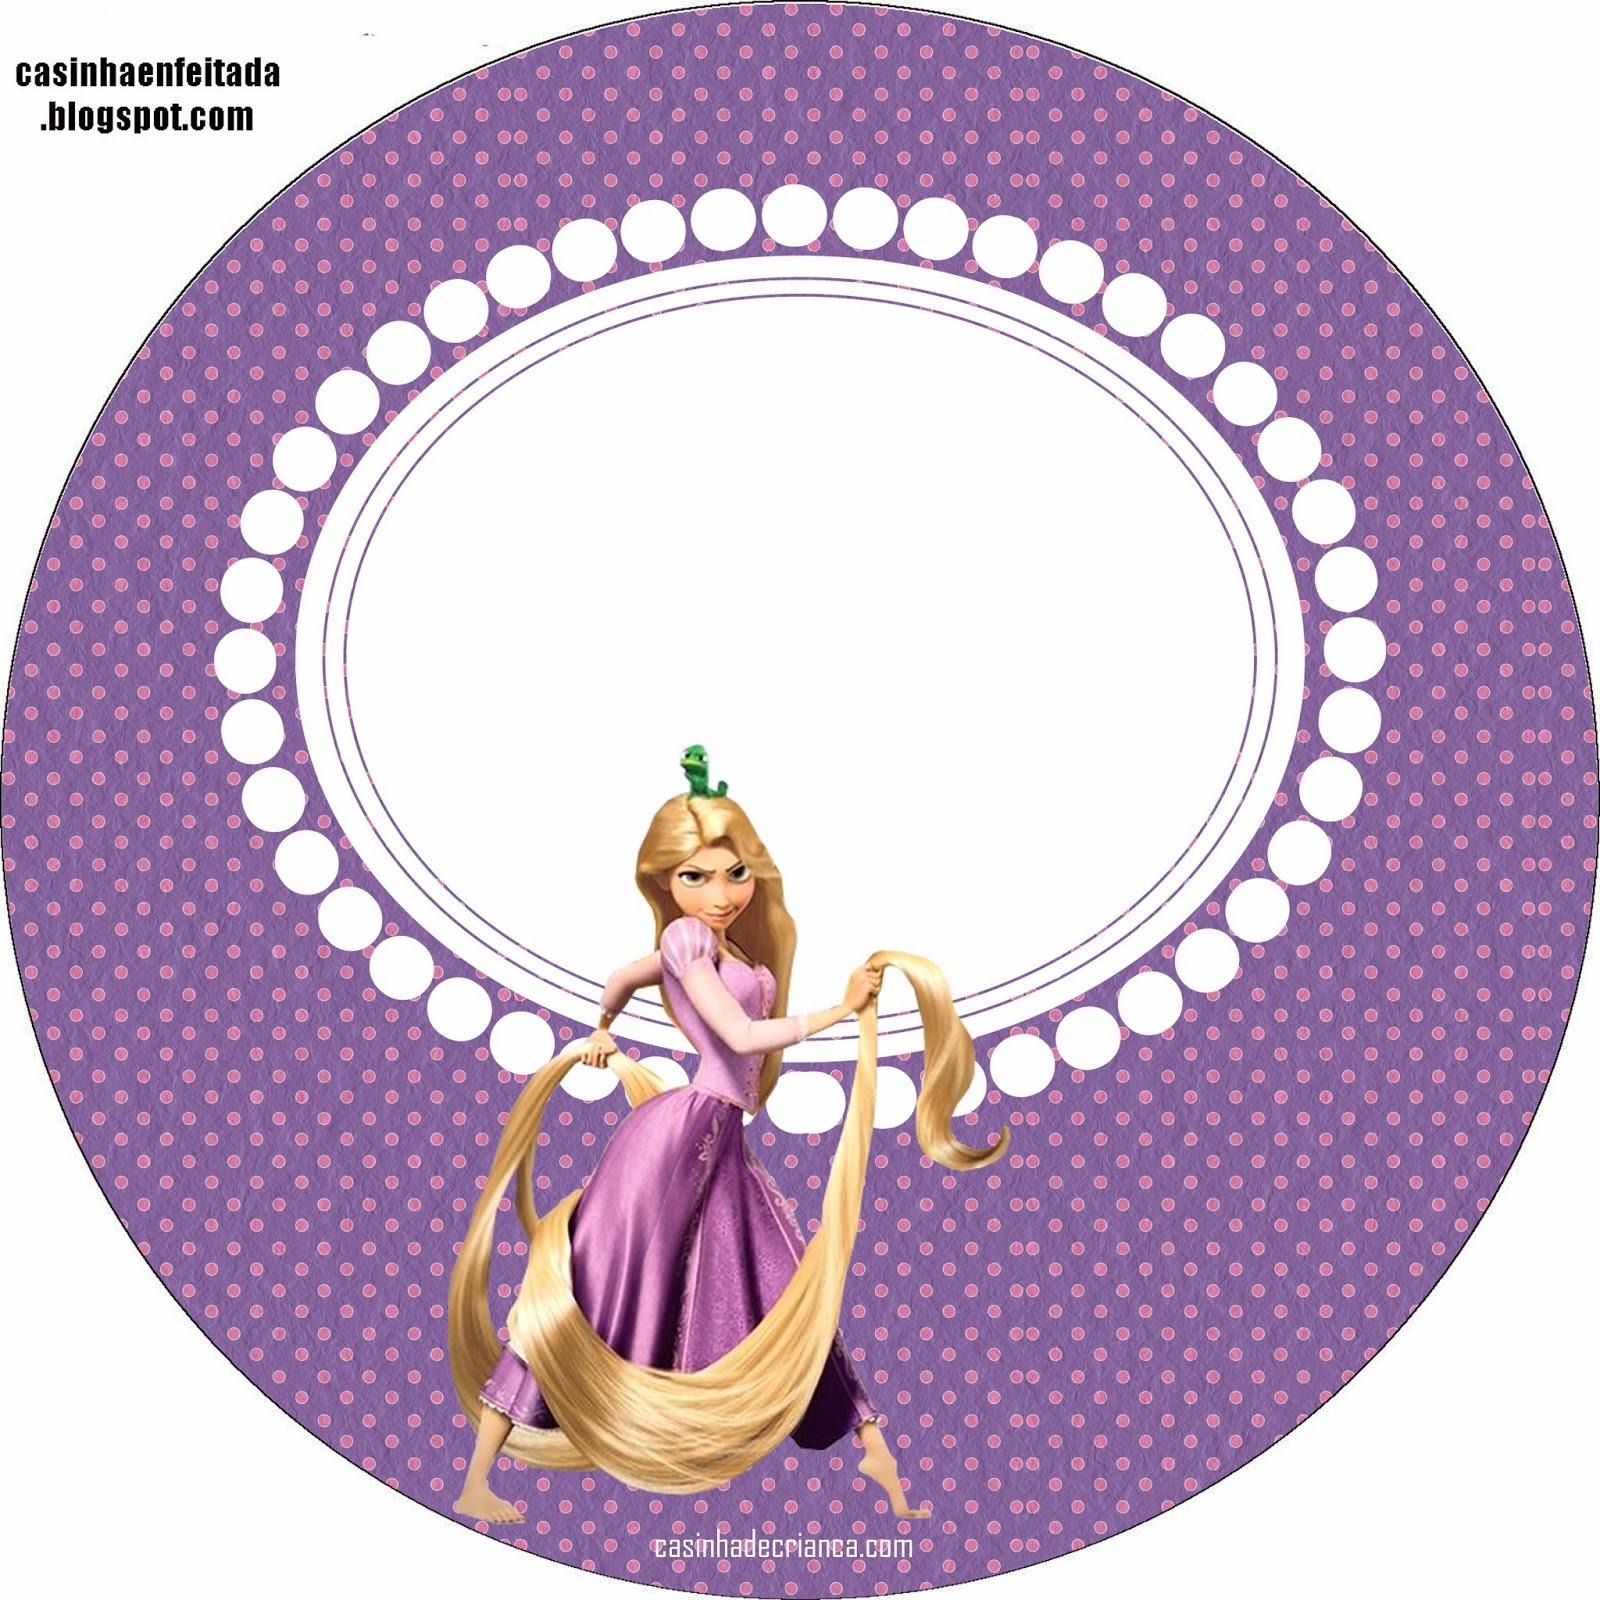 Casinha De Crianca Kit Festa Enrolados Rapunzel Para Imprimir Gratis